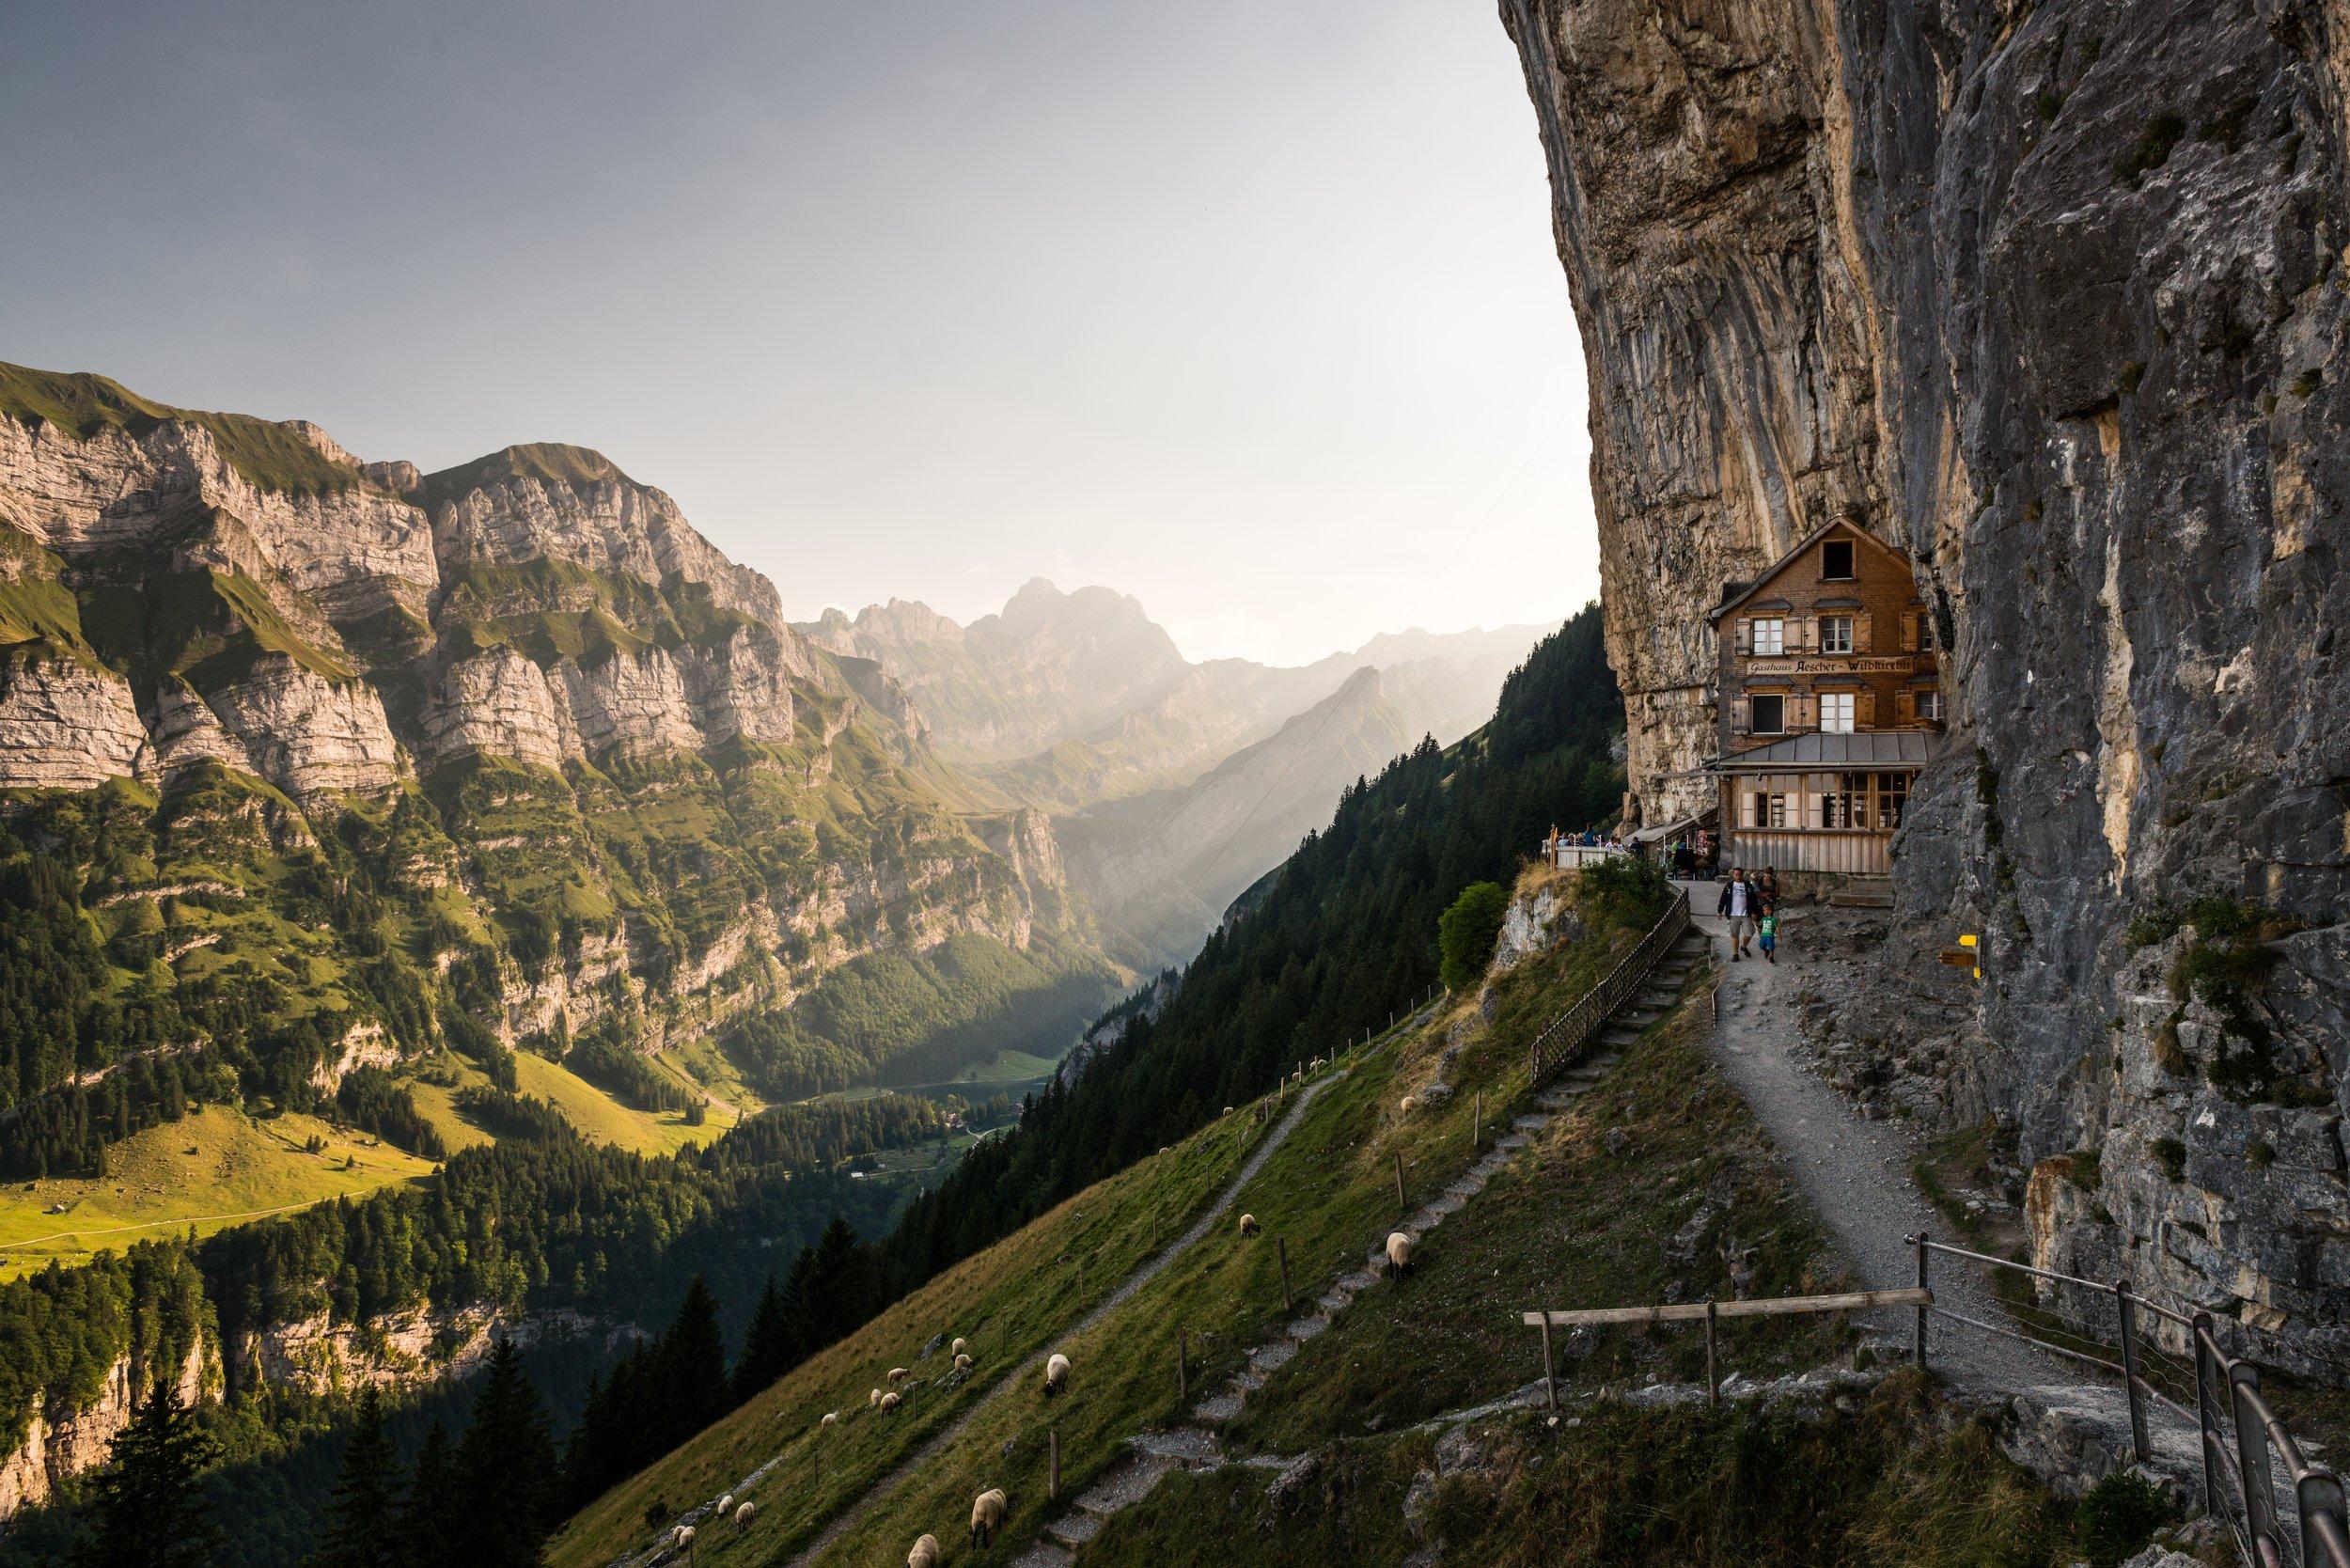 Berggasthaus Aescher-Wildkirchli, Weissbad, Switzerland  ~   Photo by  Christian Regg  on  Unsplash